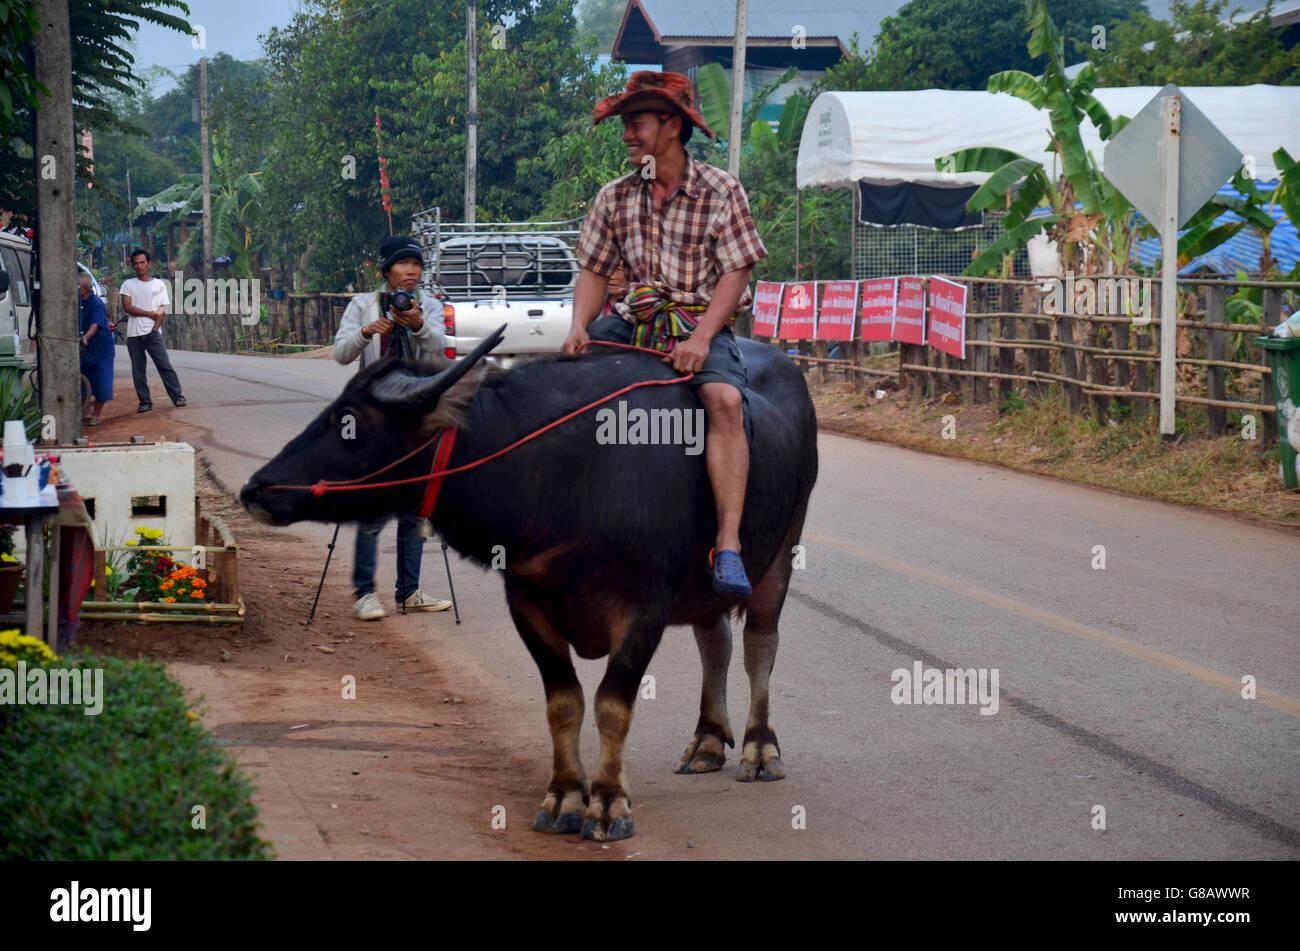 Uomo di Phu thai equitazione etnico buffalo sulla strada tour attorno al divieto nessuno Hom di mattina tempo on Foto Stock